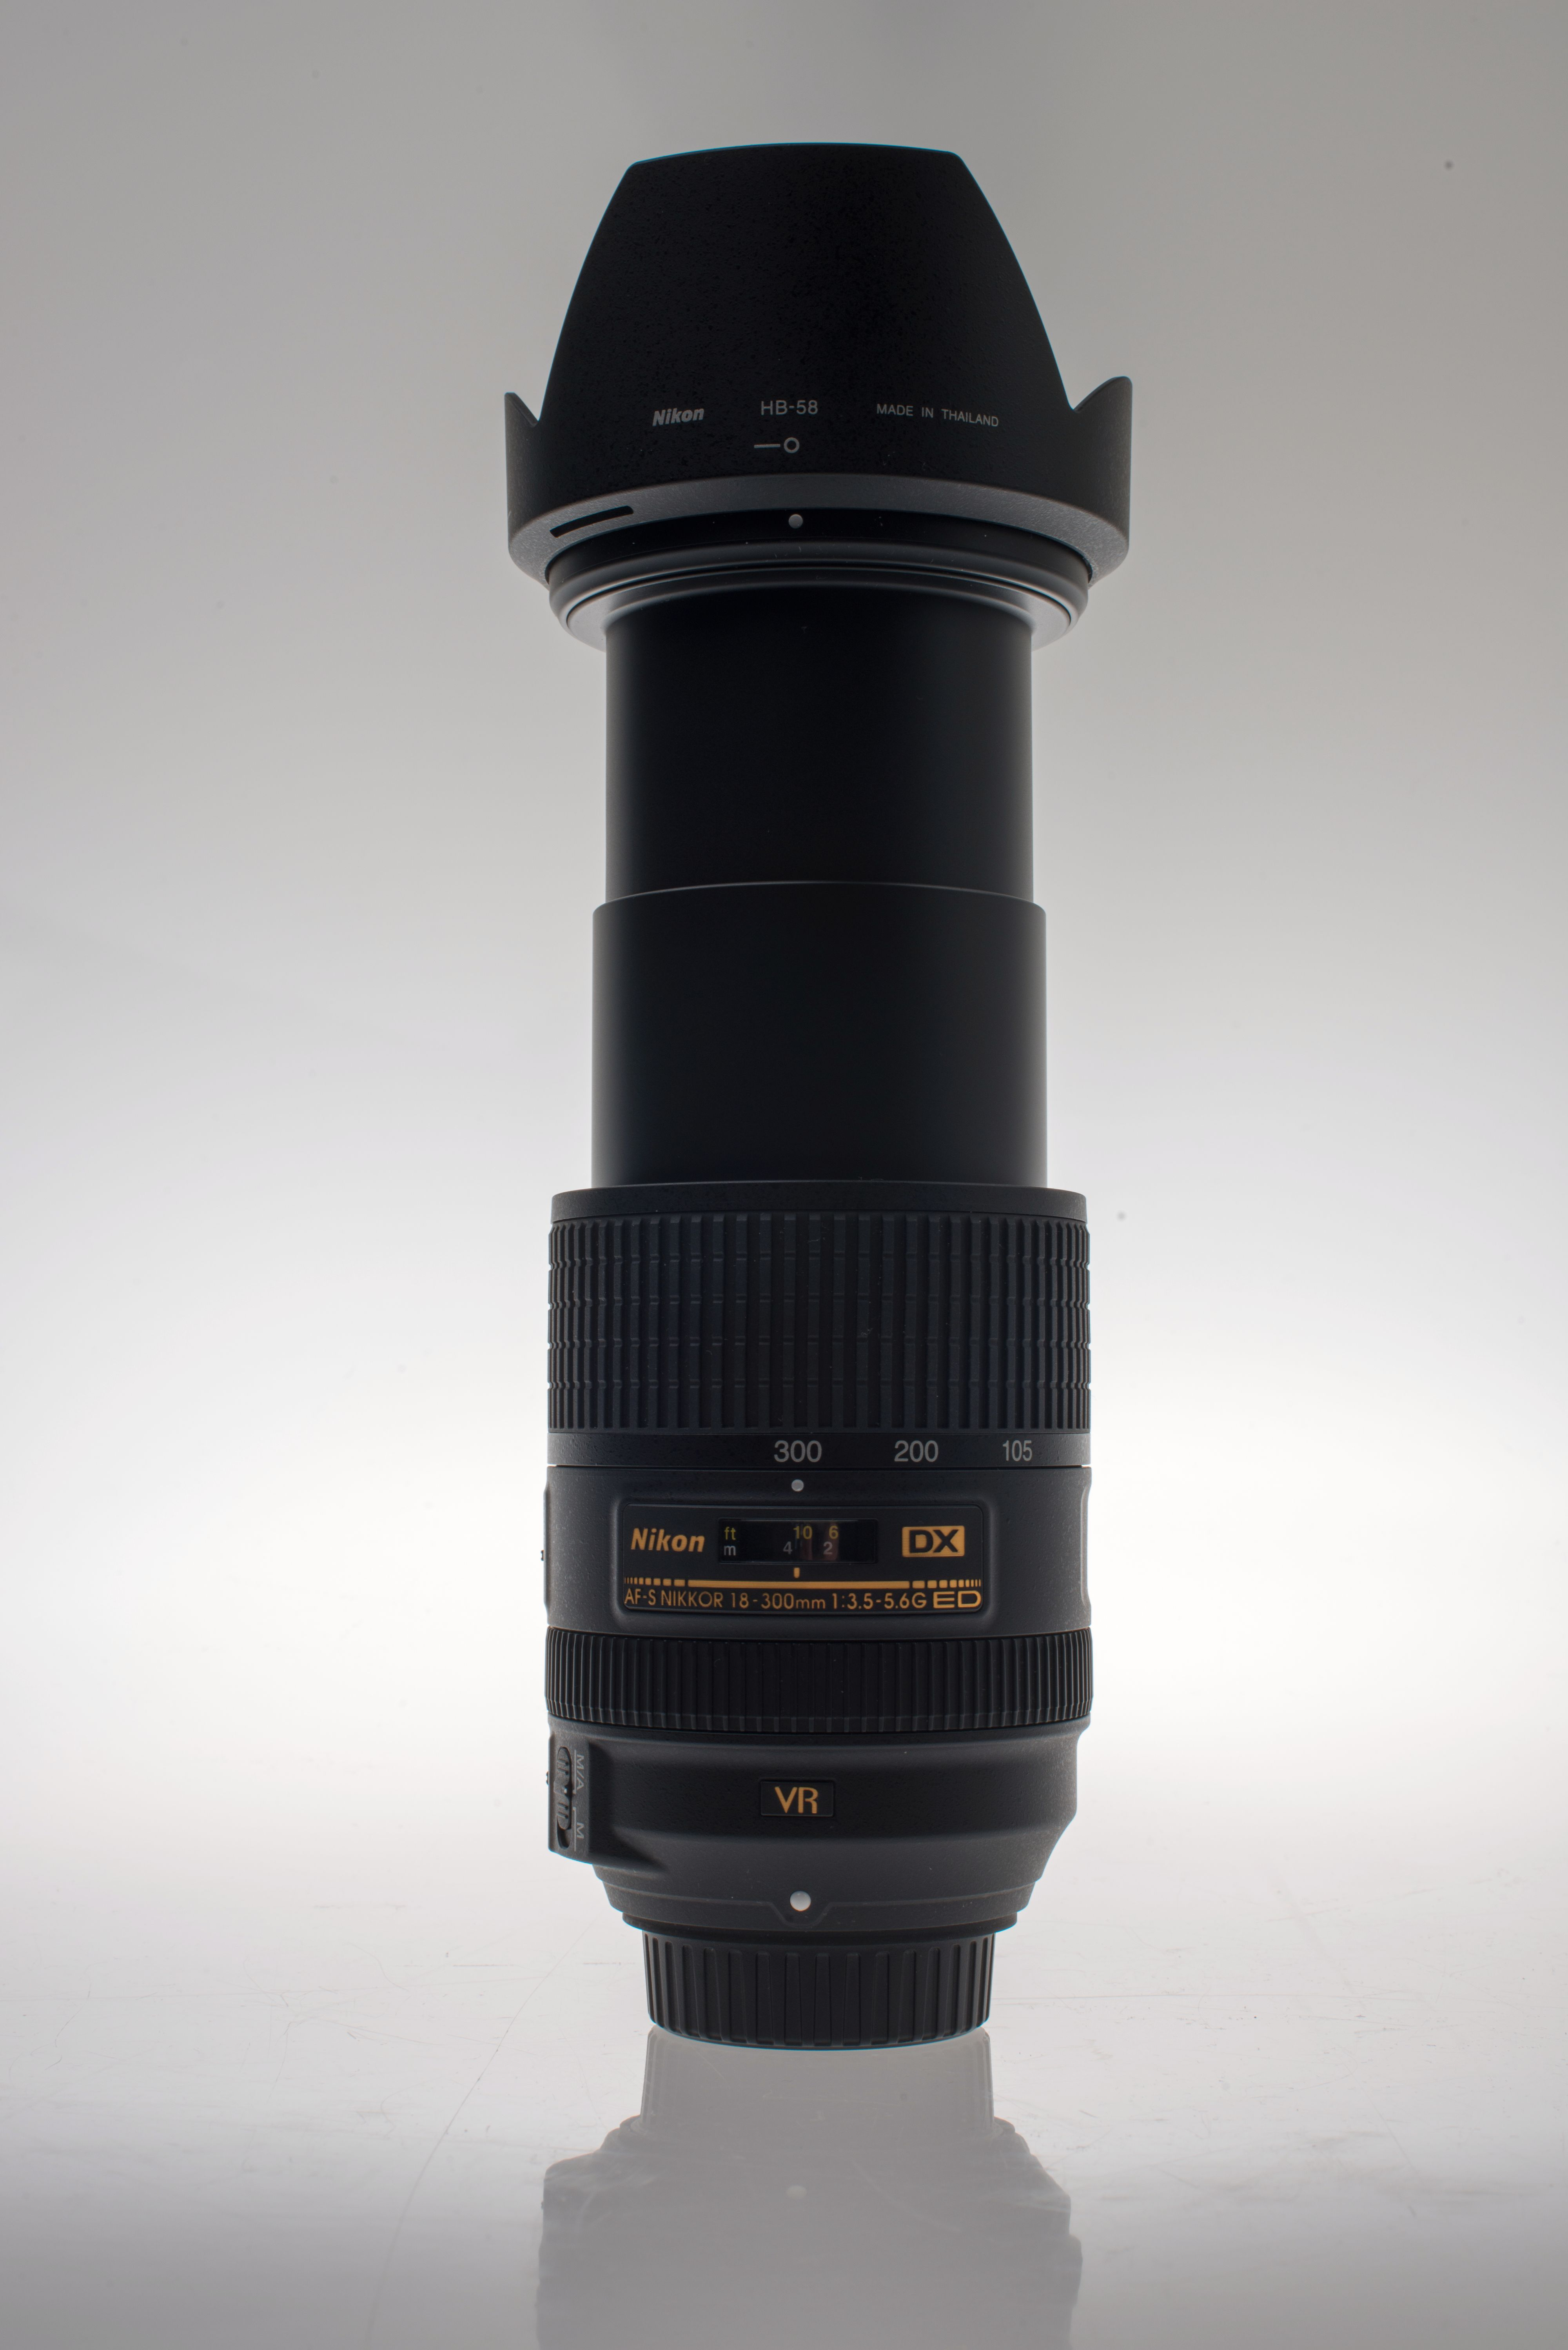 18 - 300 mm på 300 mm.Foto: Eivind Hauger, Akam.no